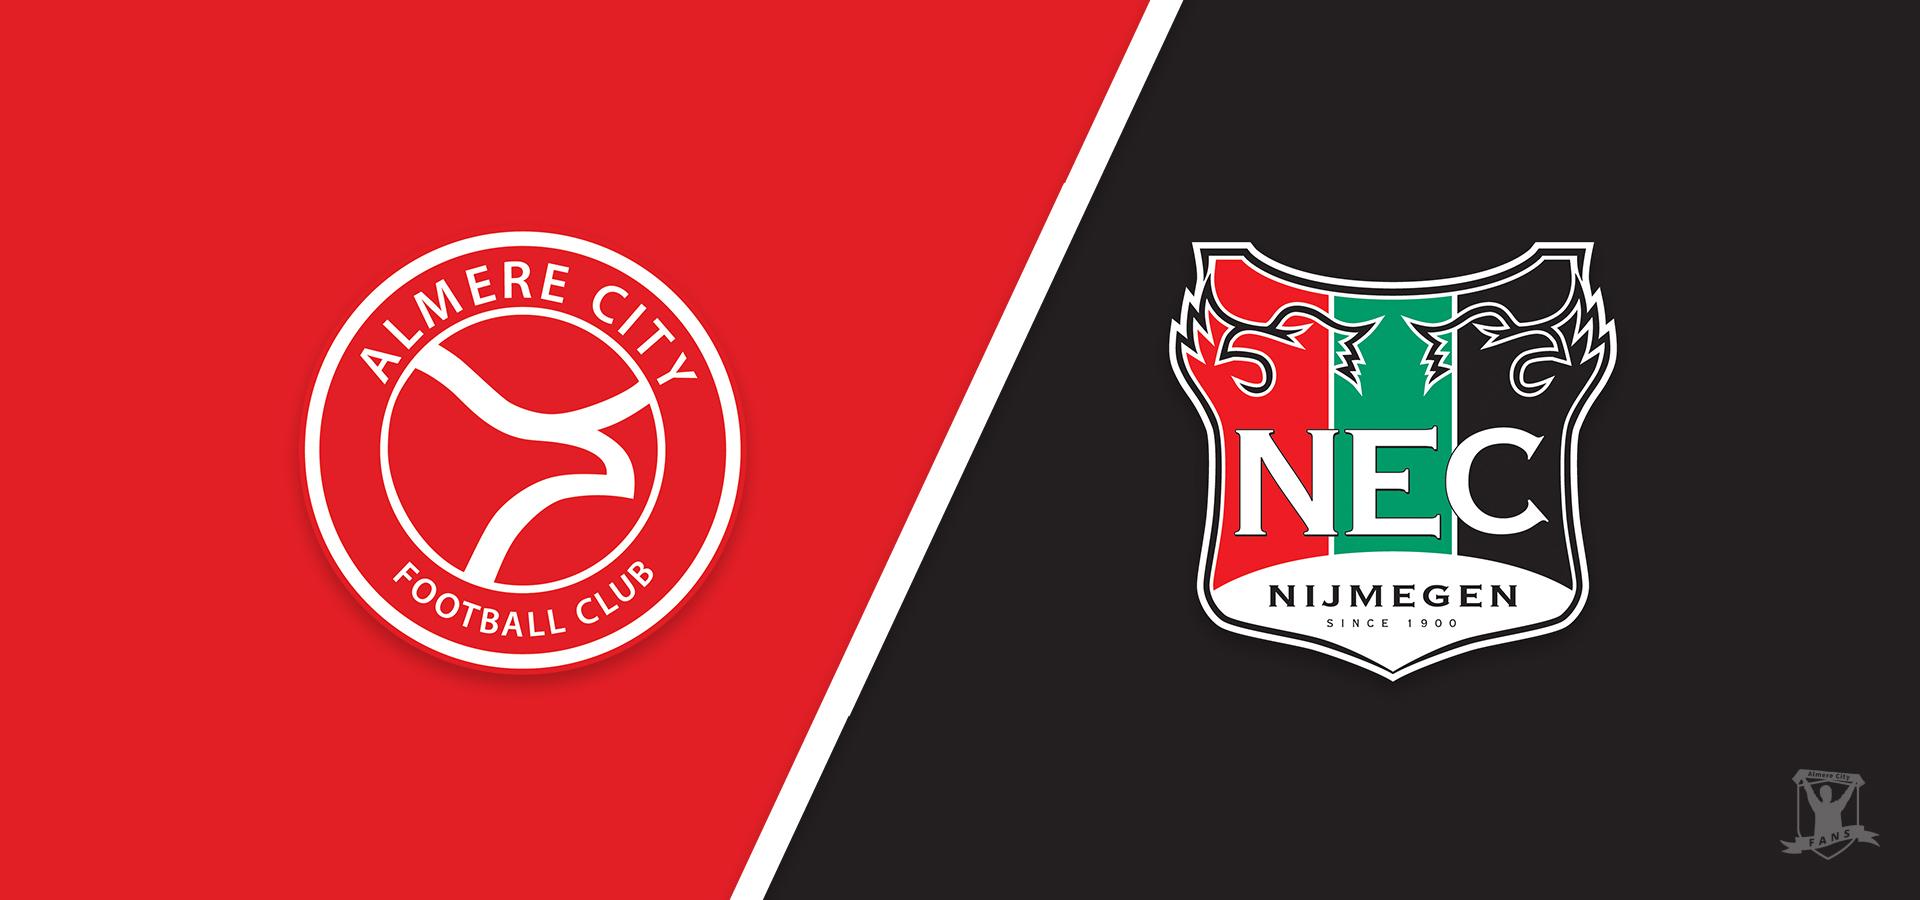 Voorbeschouwing: Almere City FC hoopt op goede vrijdag tegen NEC